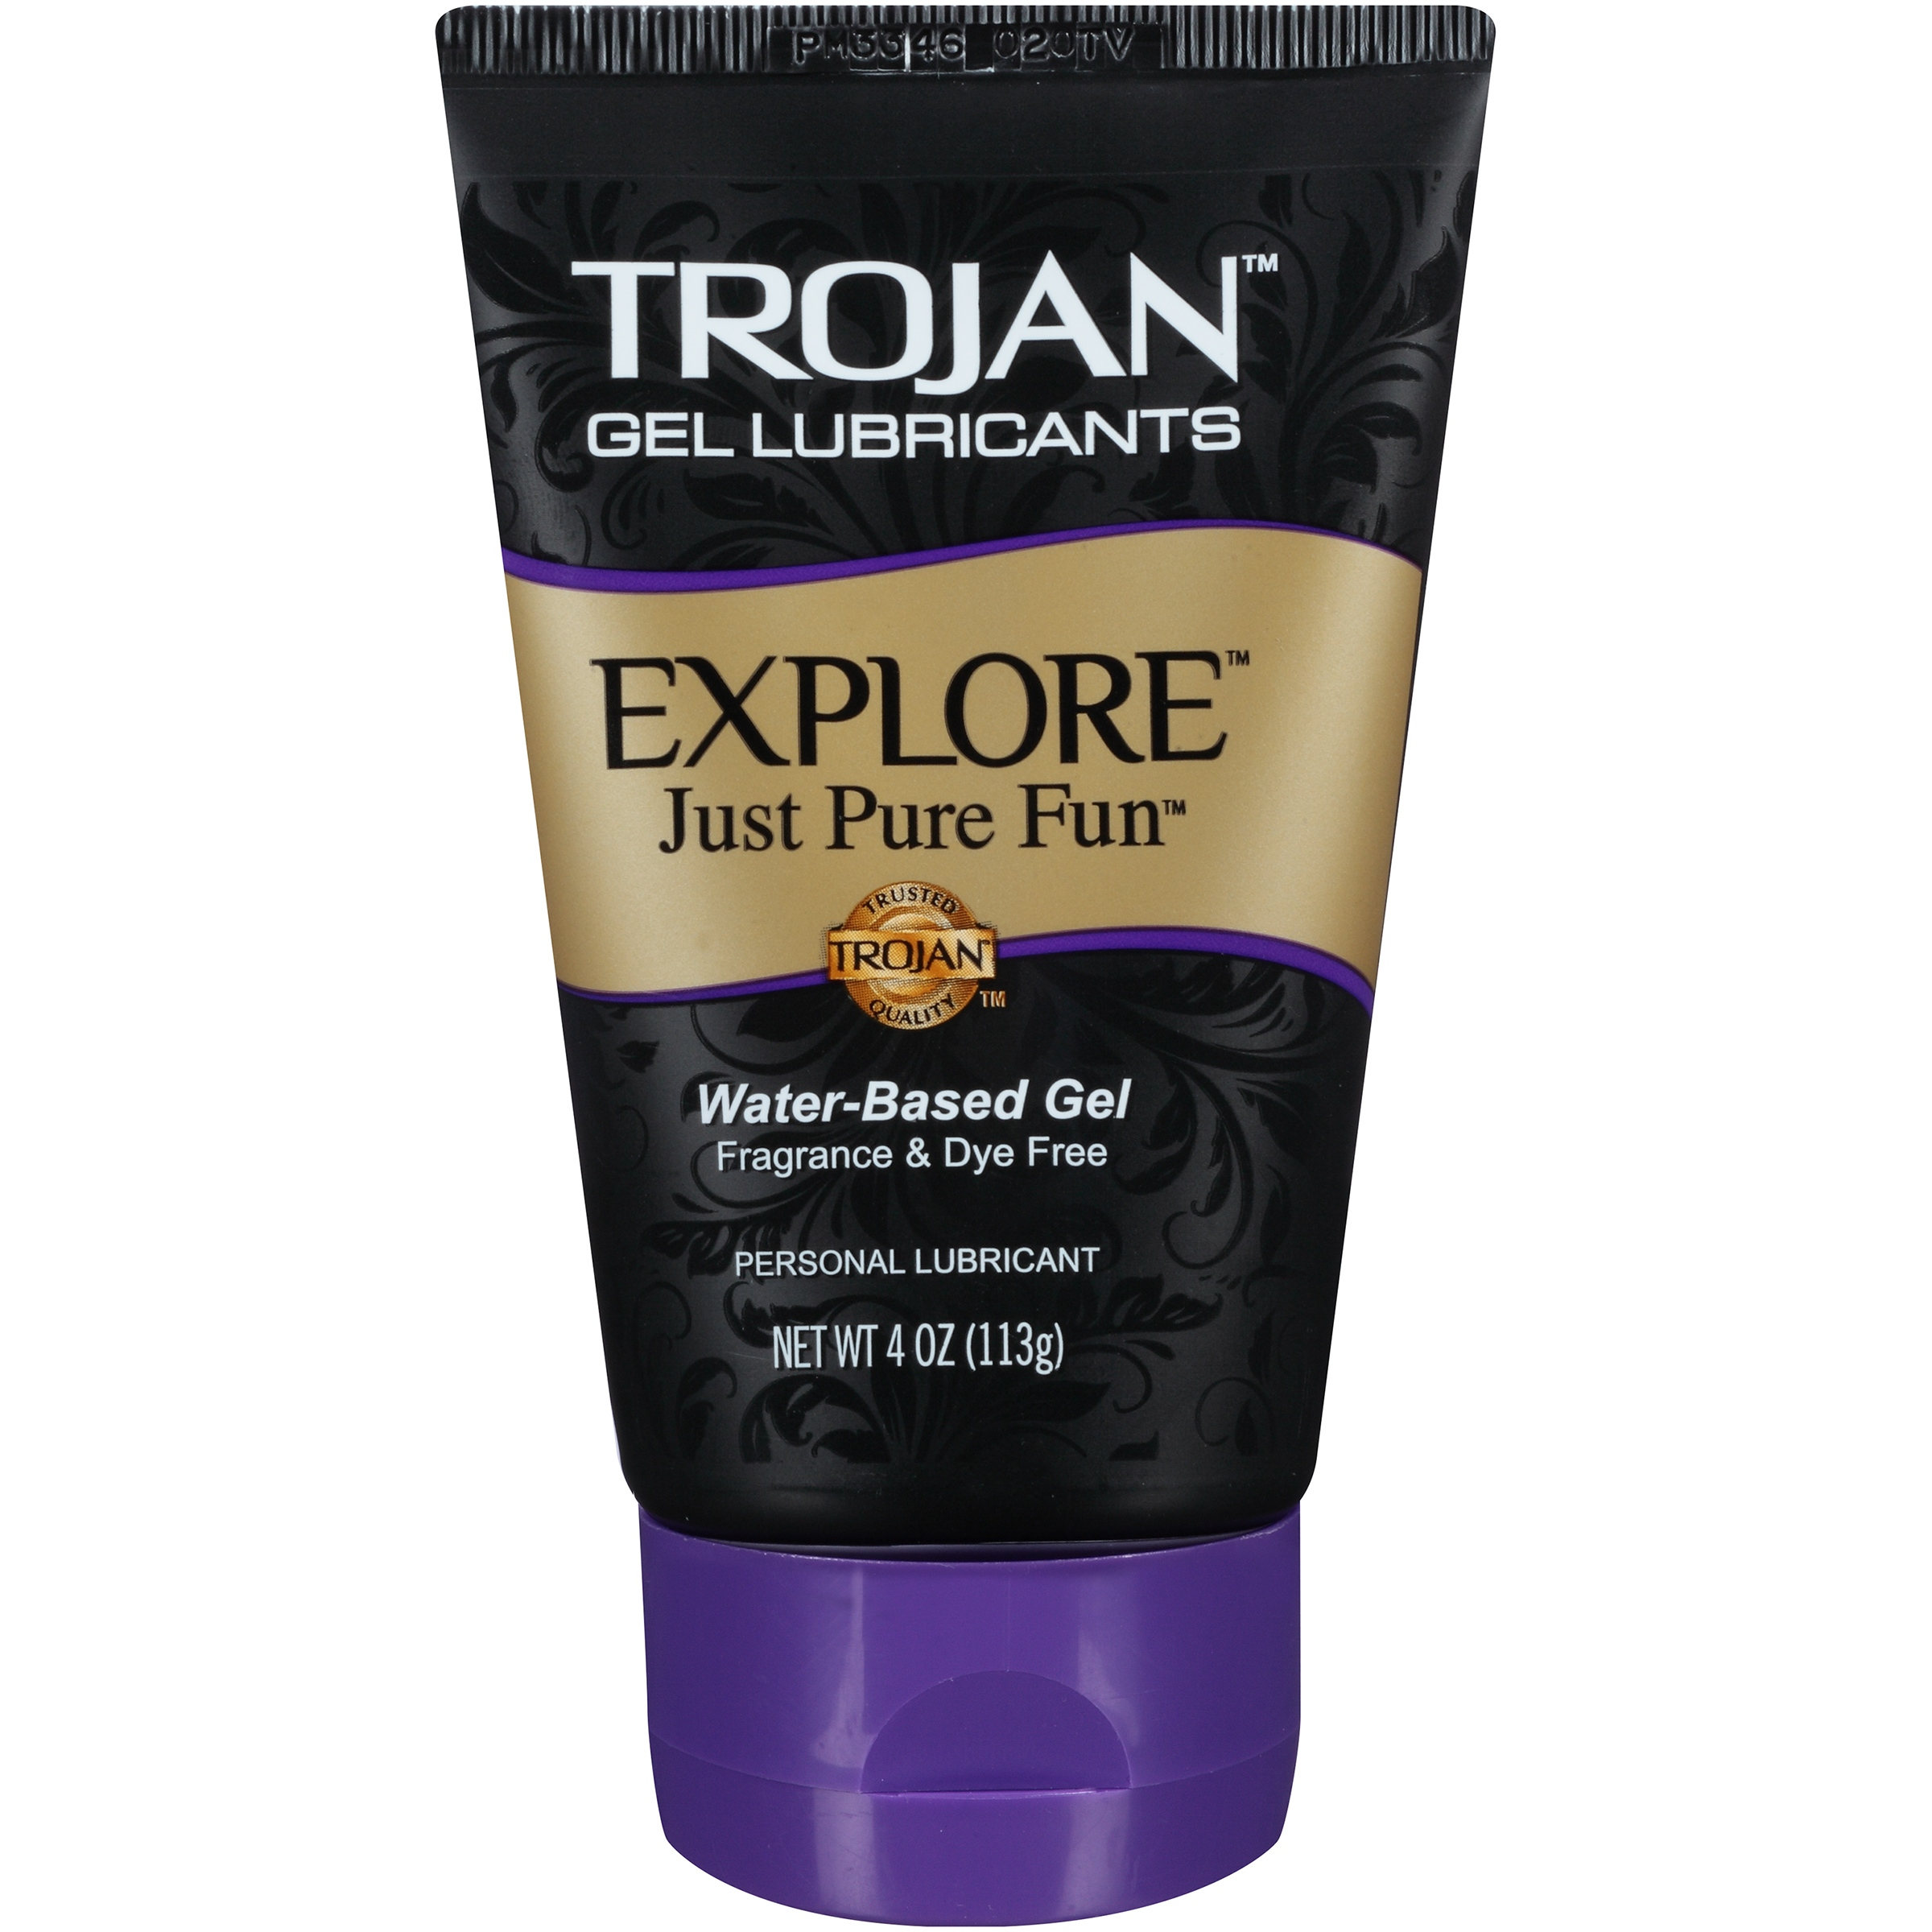 Trojan Explore Water Based Lubricant Gel - 4 oz